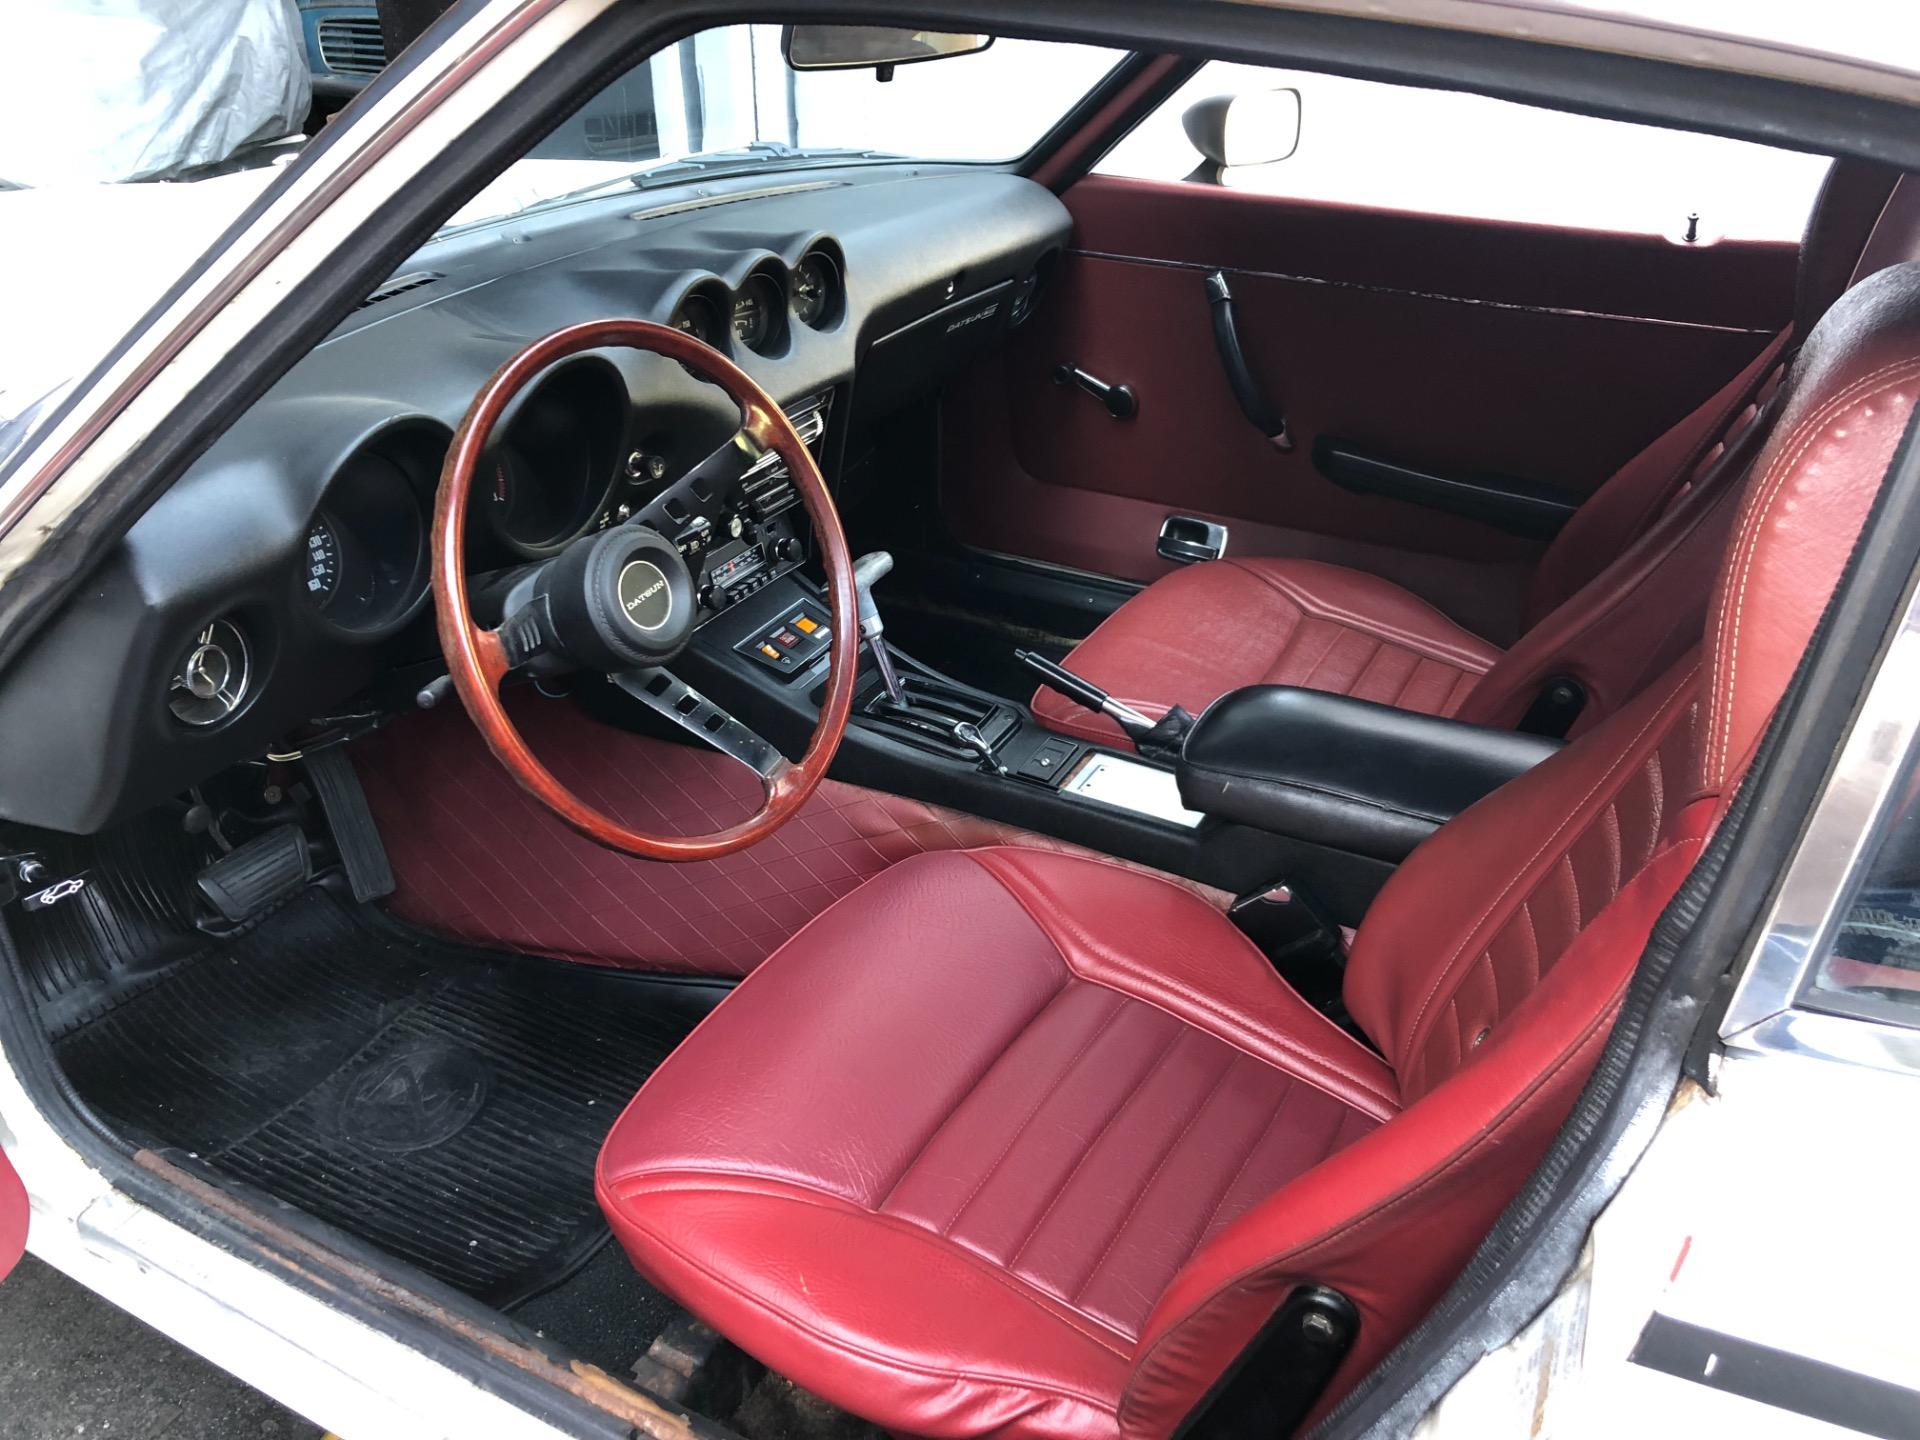 Used 1972 Datsun 240 Z